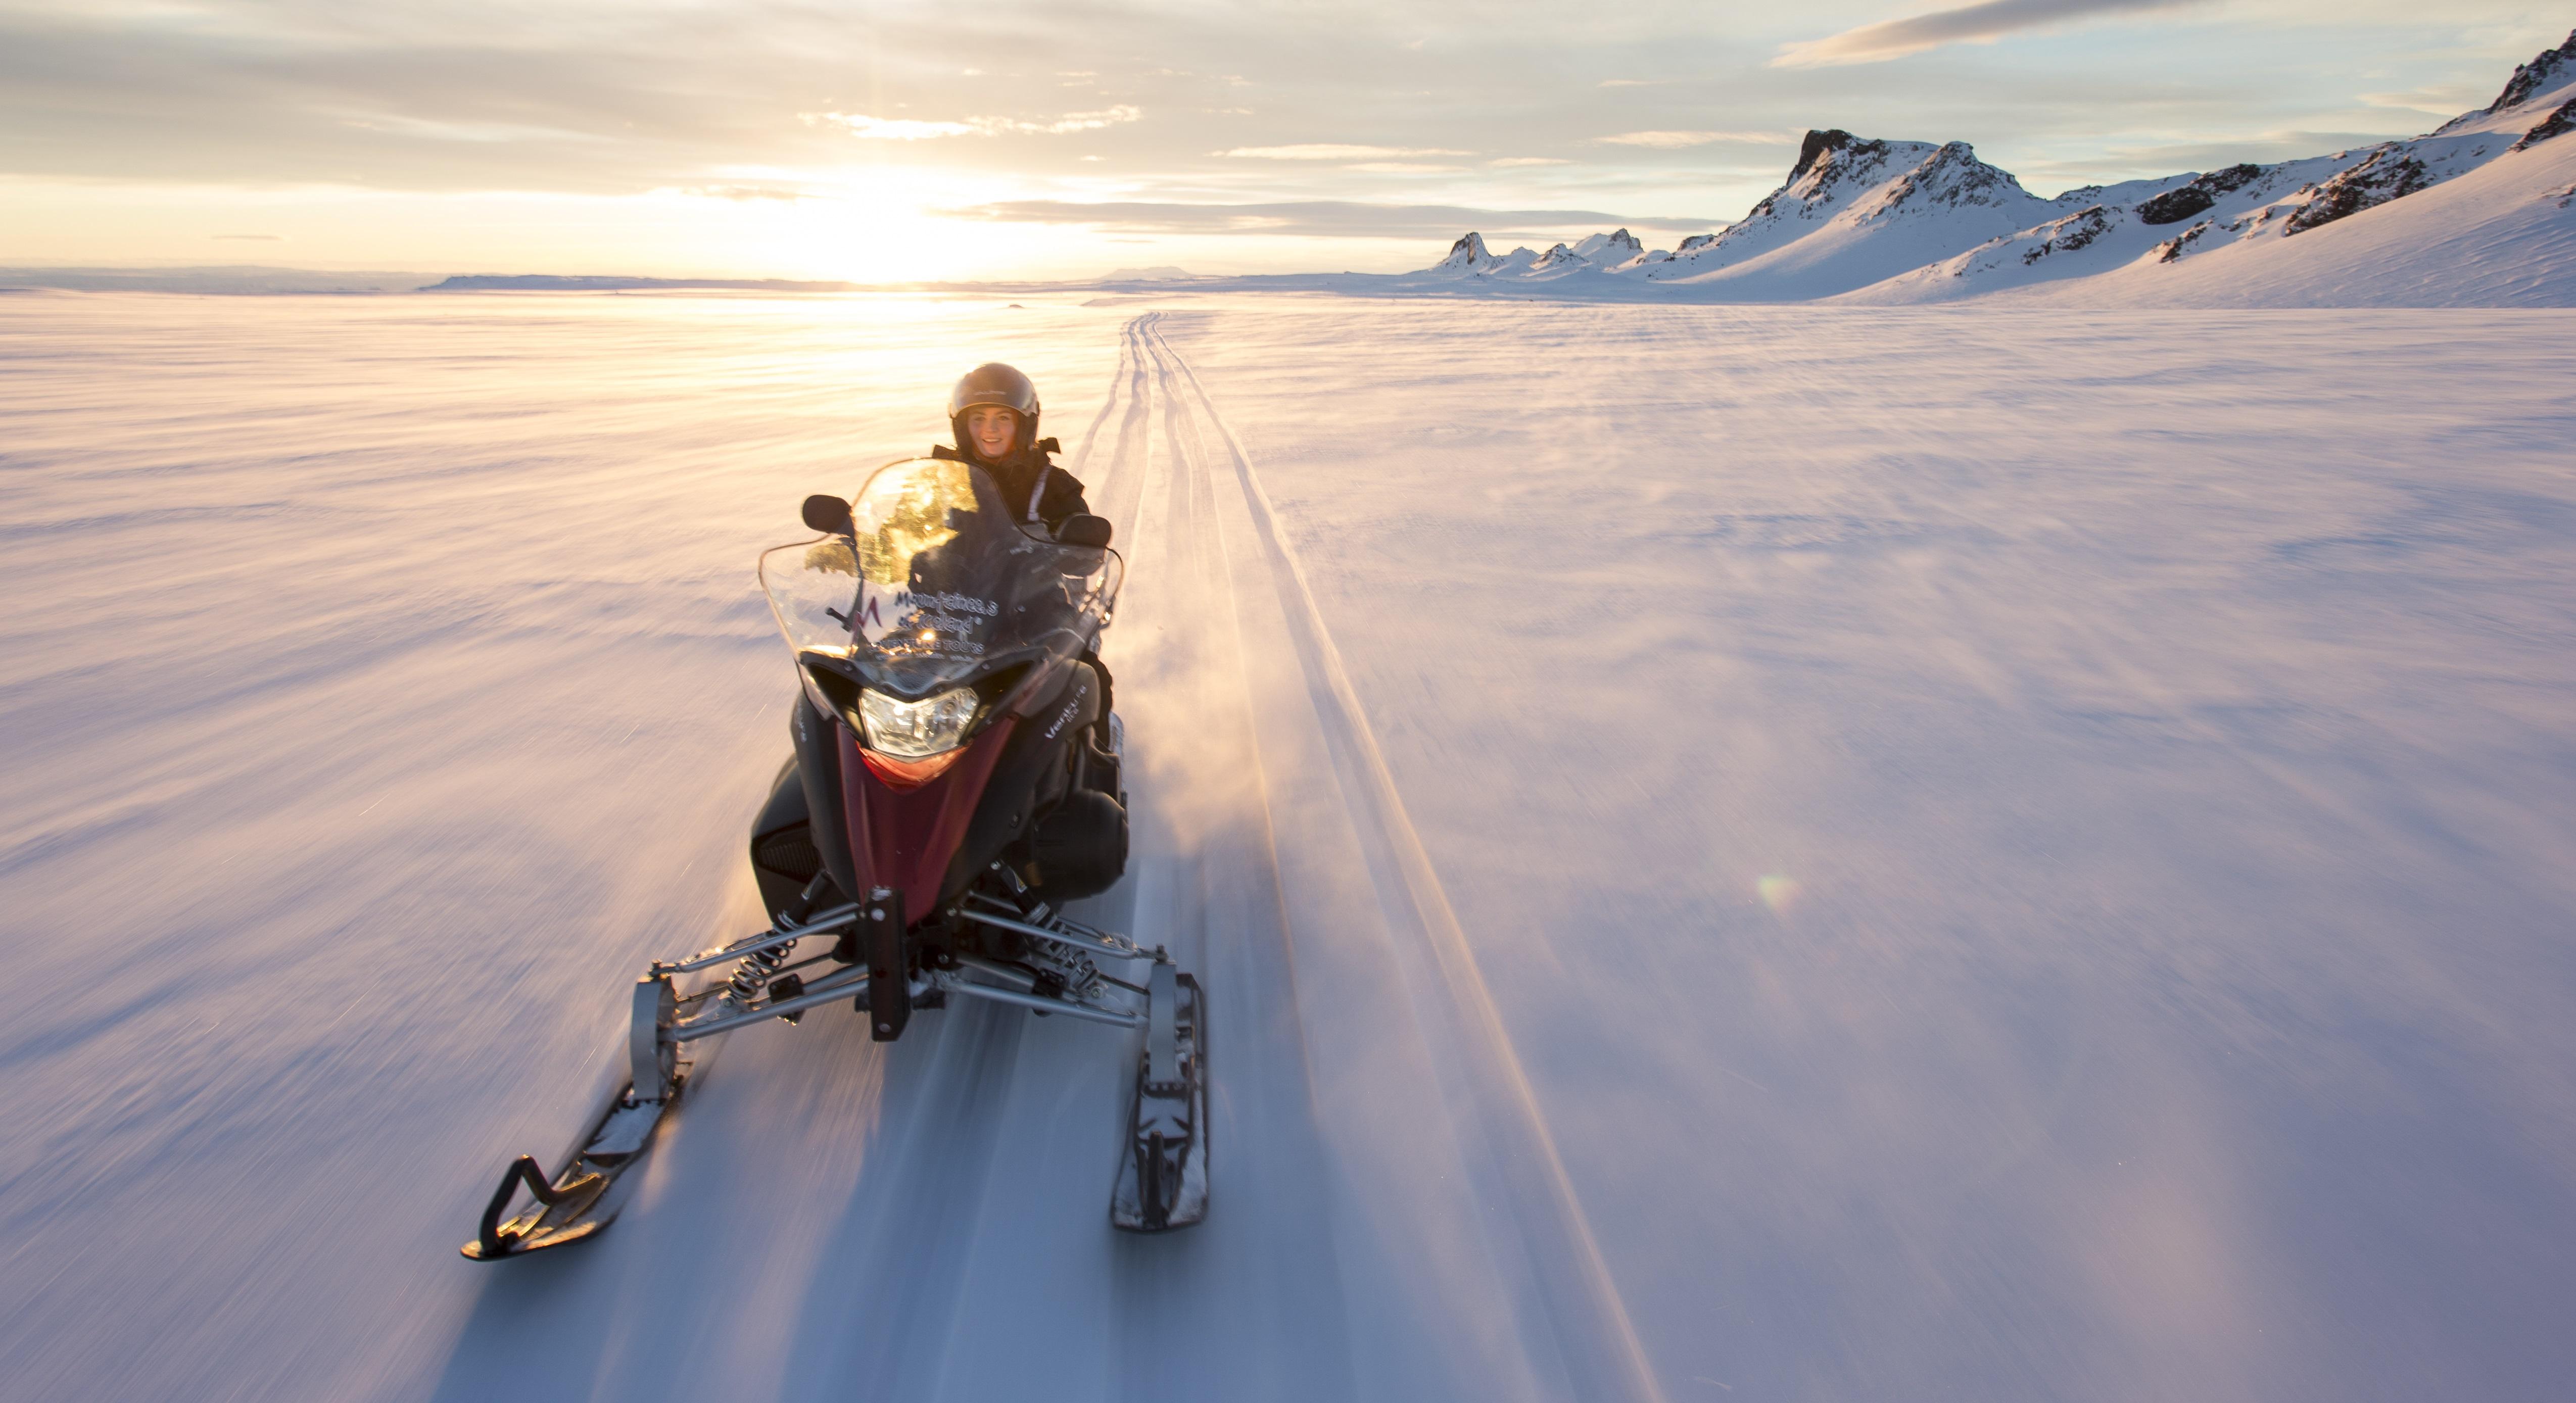 Njut av ditt snöskoteräventyr på Langjökull-glaciären på Island.